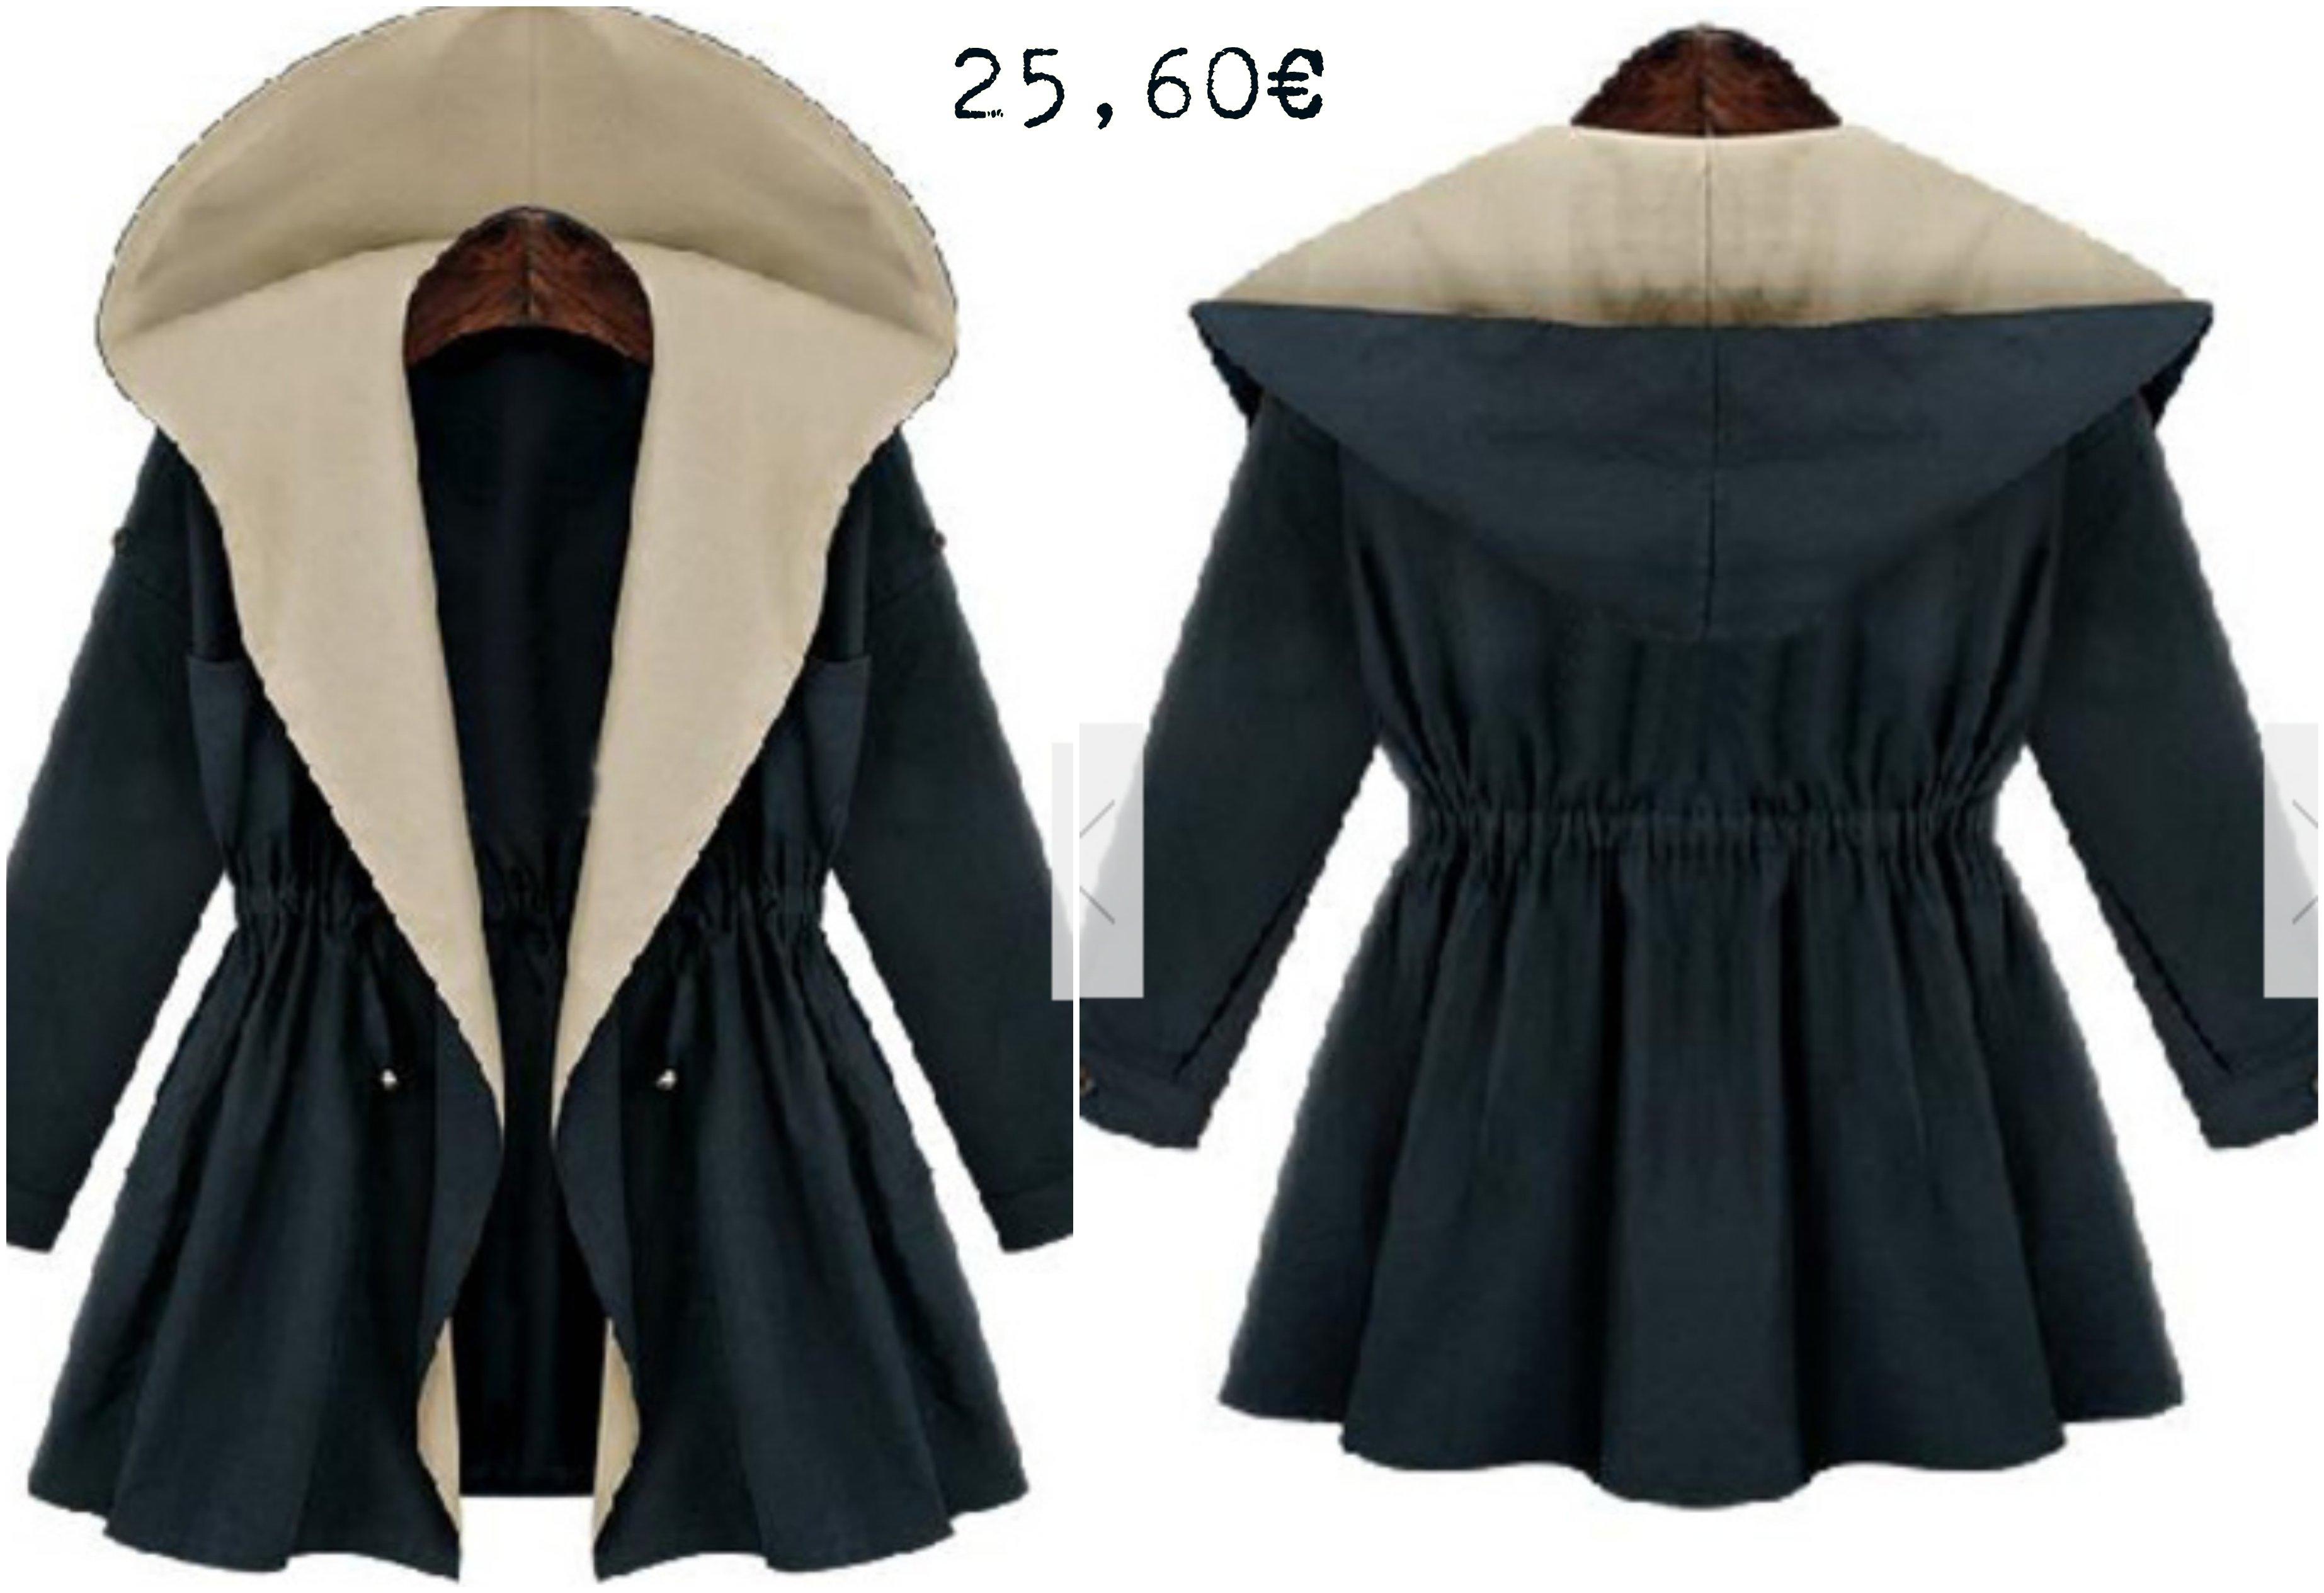 casaco0.jpg